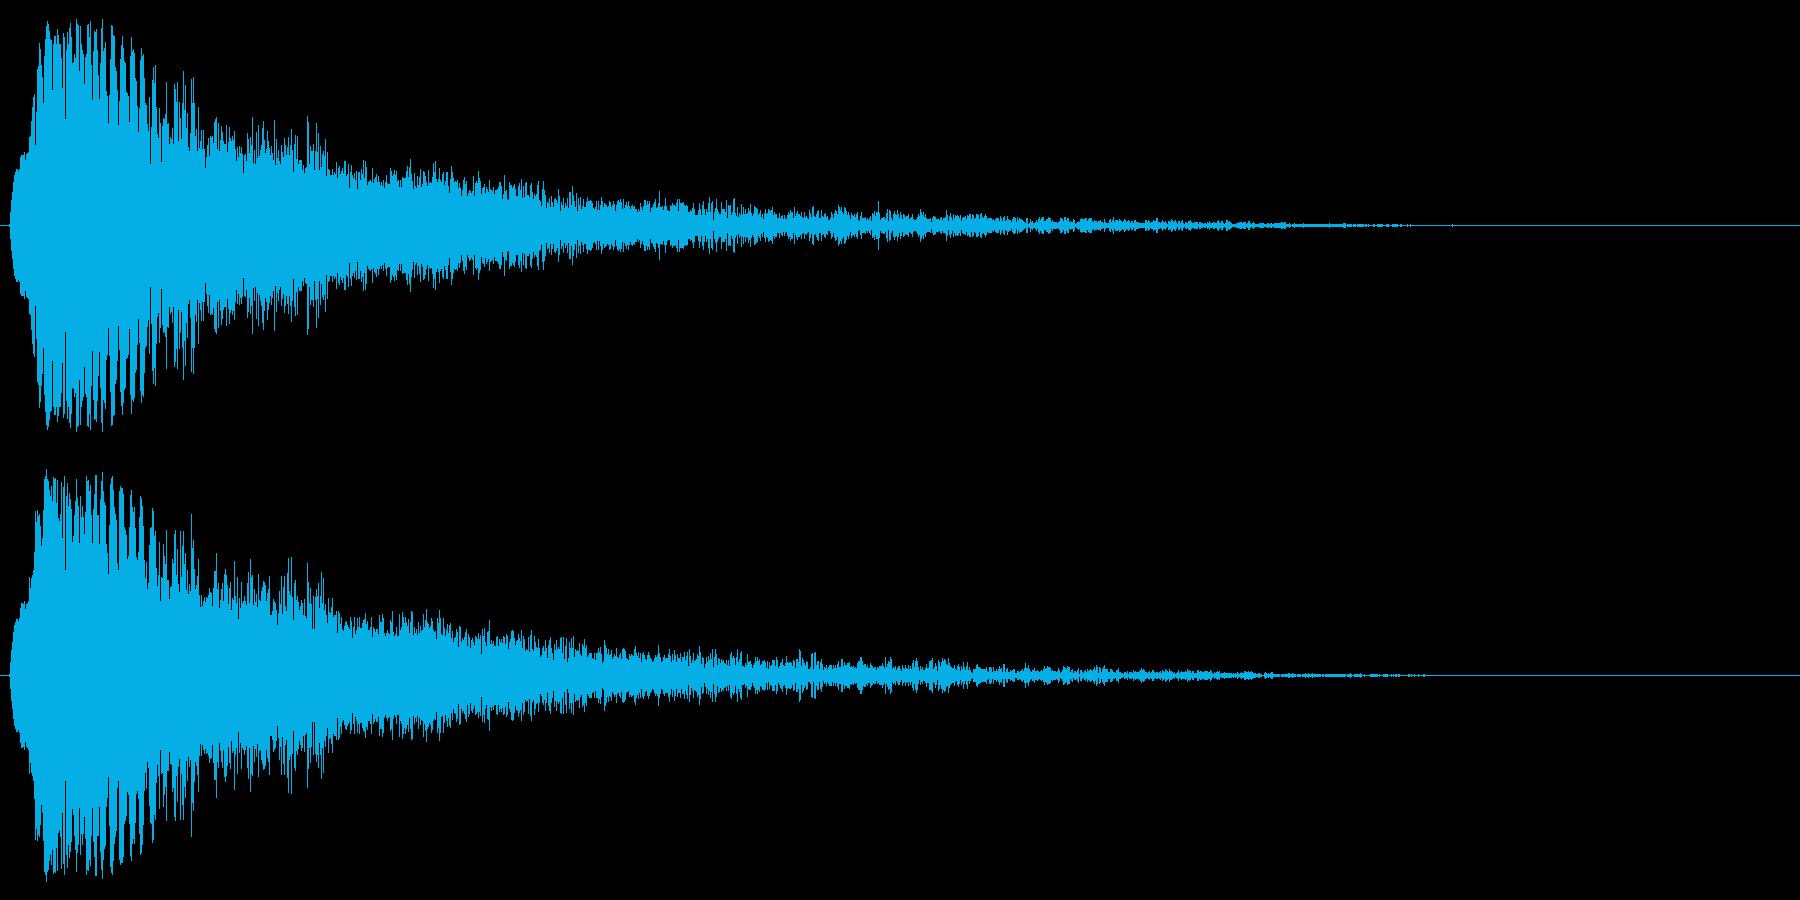 レーザービーム・電撃などの衝撃2の再生済みの波形